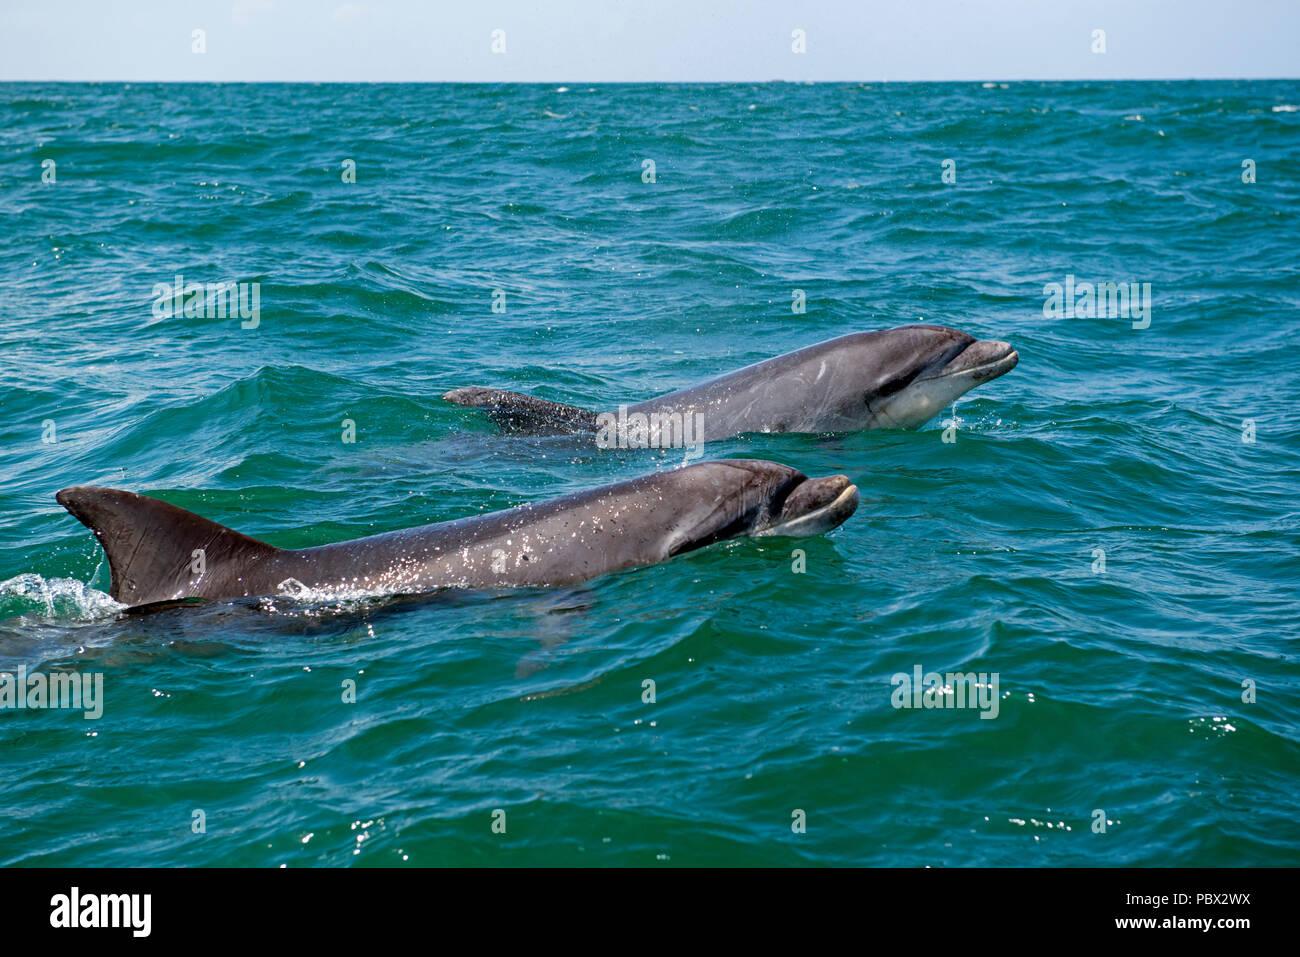 Bottlenose dolphin (Tursiops truncatus), Bretagne, France, Atlantic ocean - Stock Image